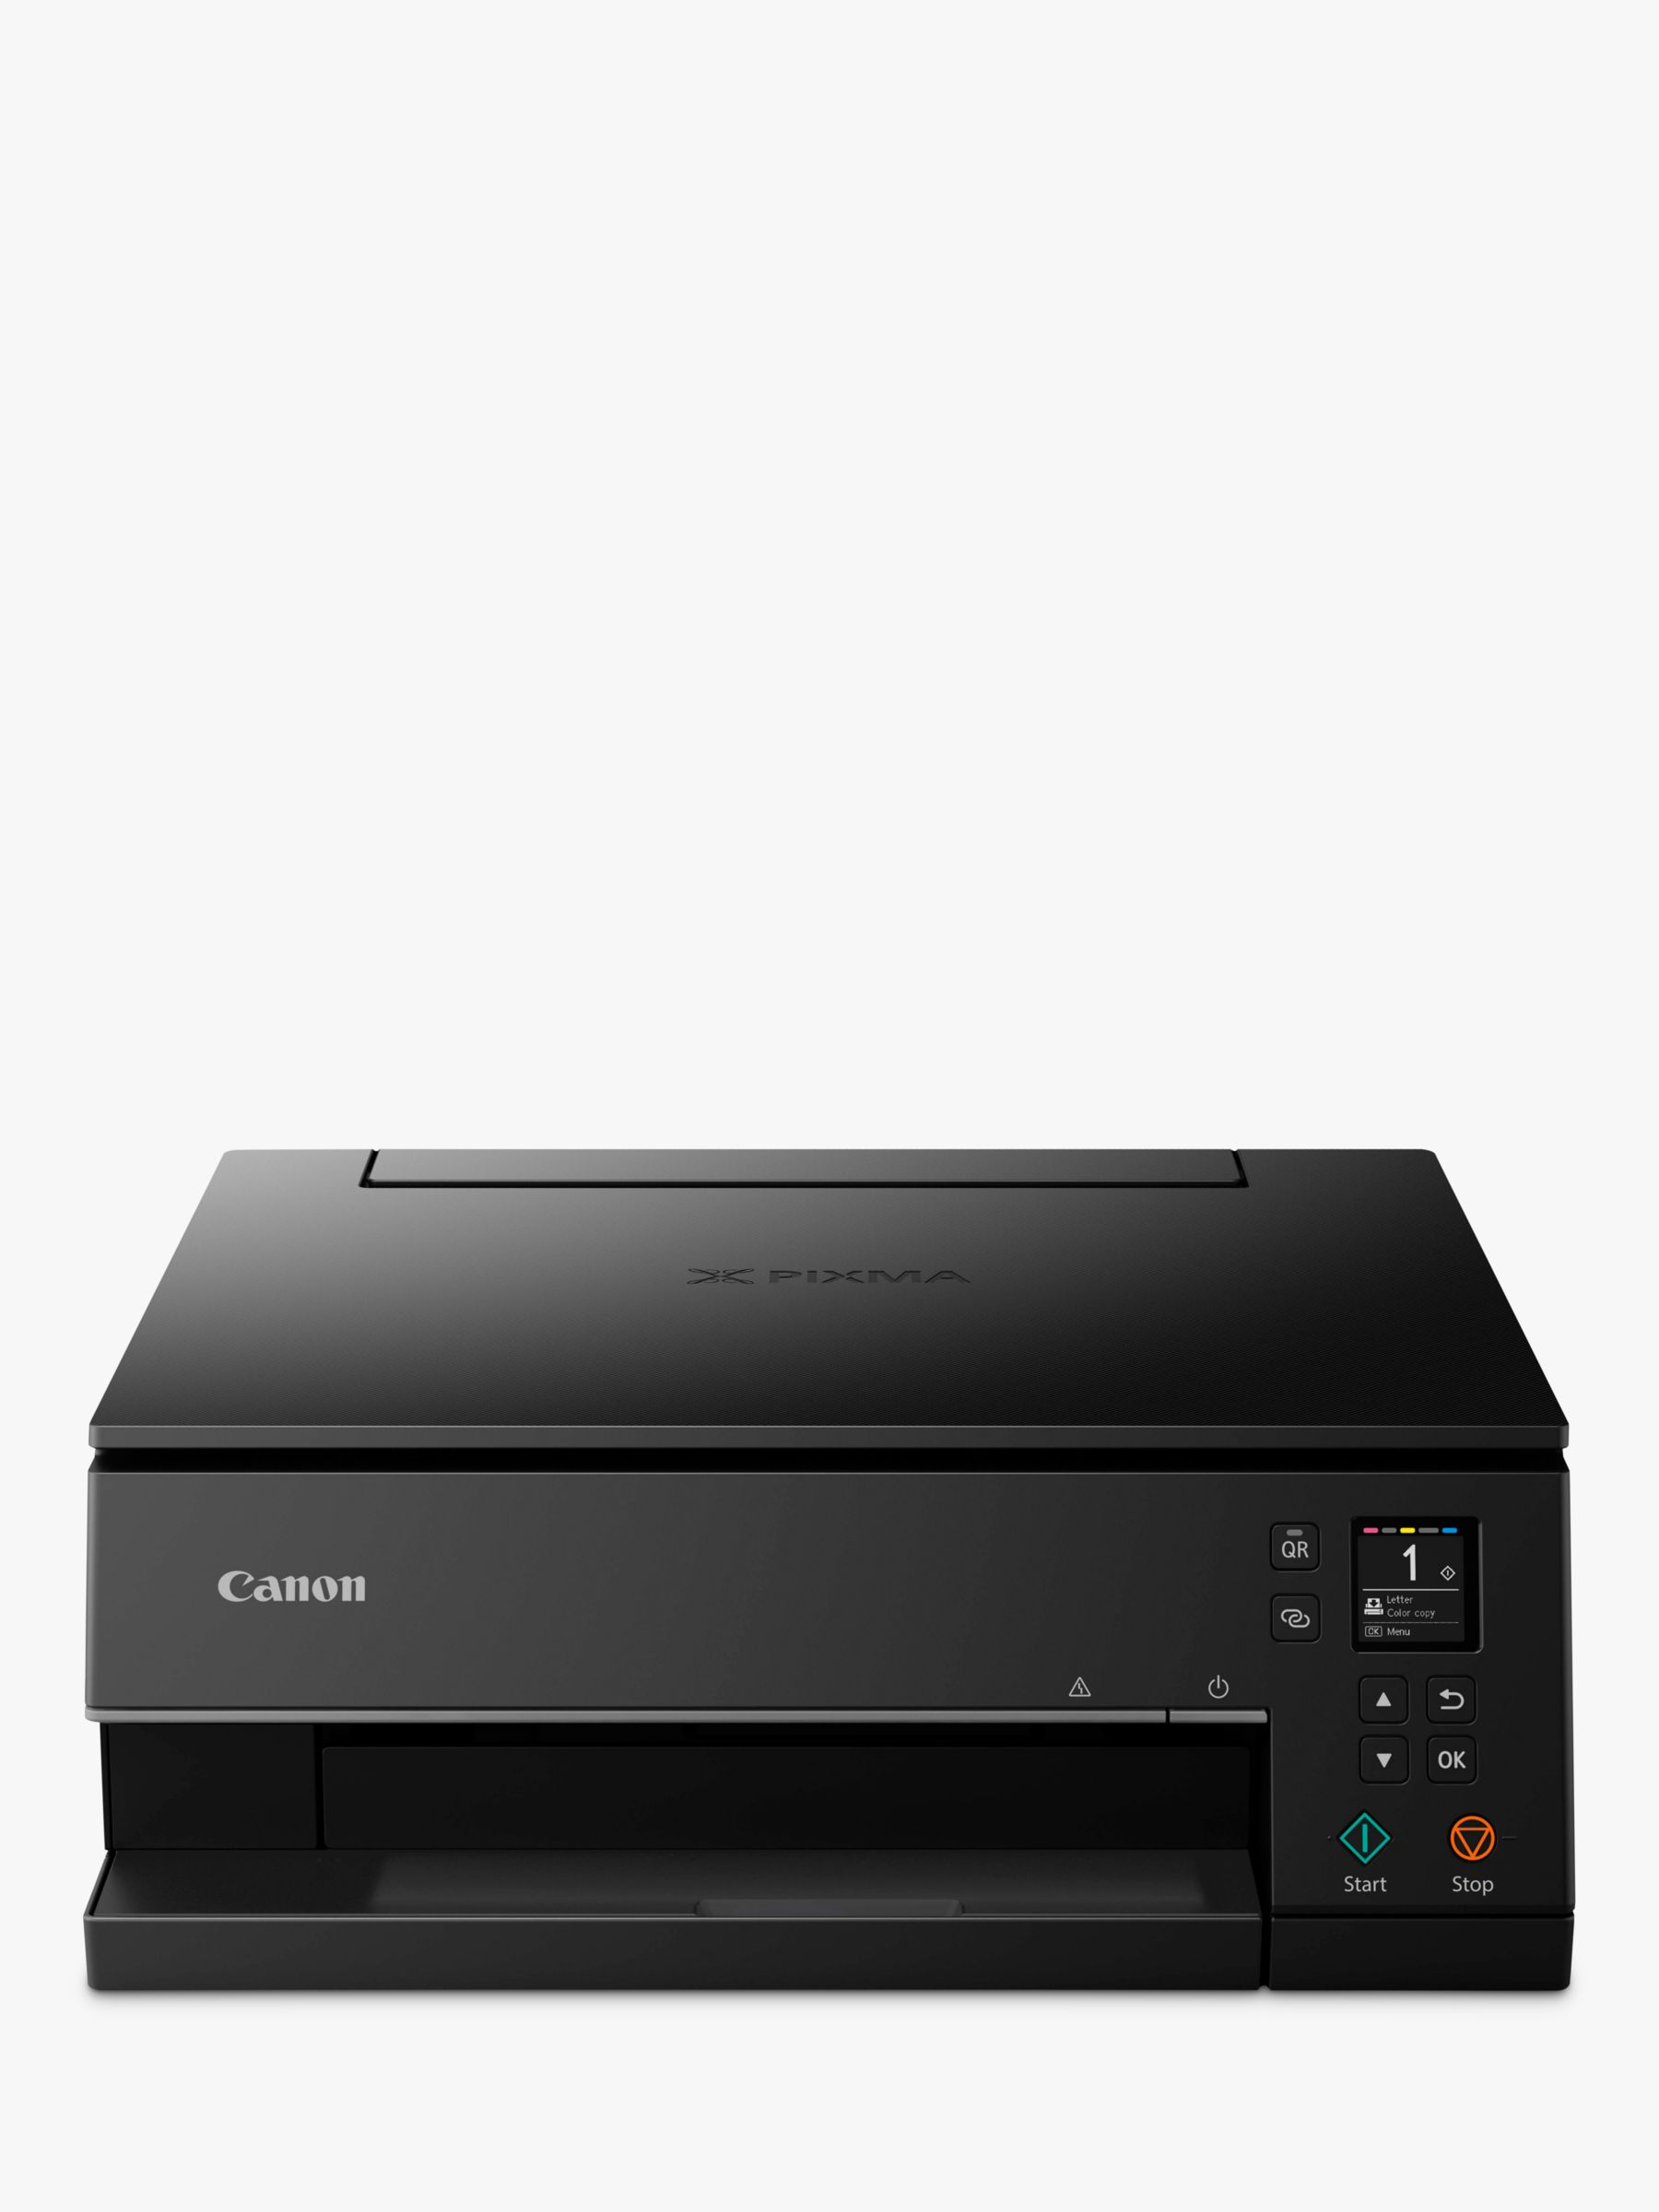 Canon Canon PIXMA TS6350 Three-in-One Wireless Wi-Fi Printer, Black